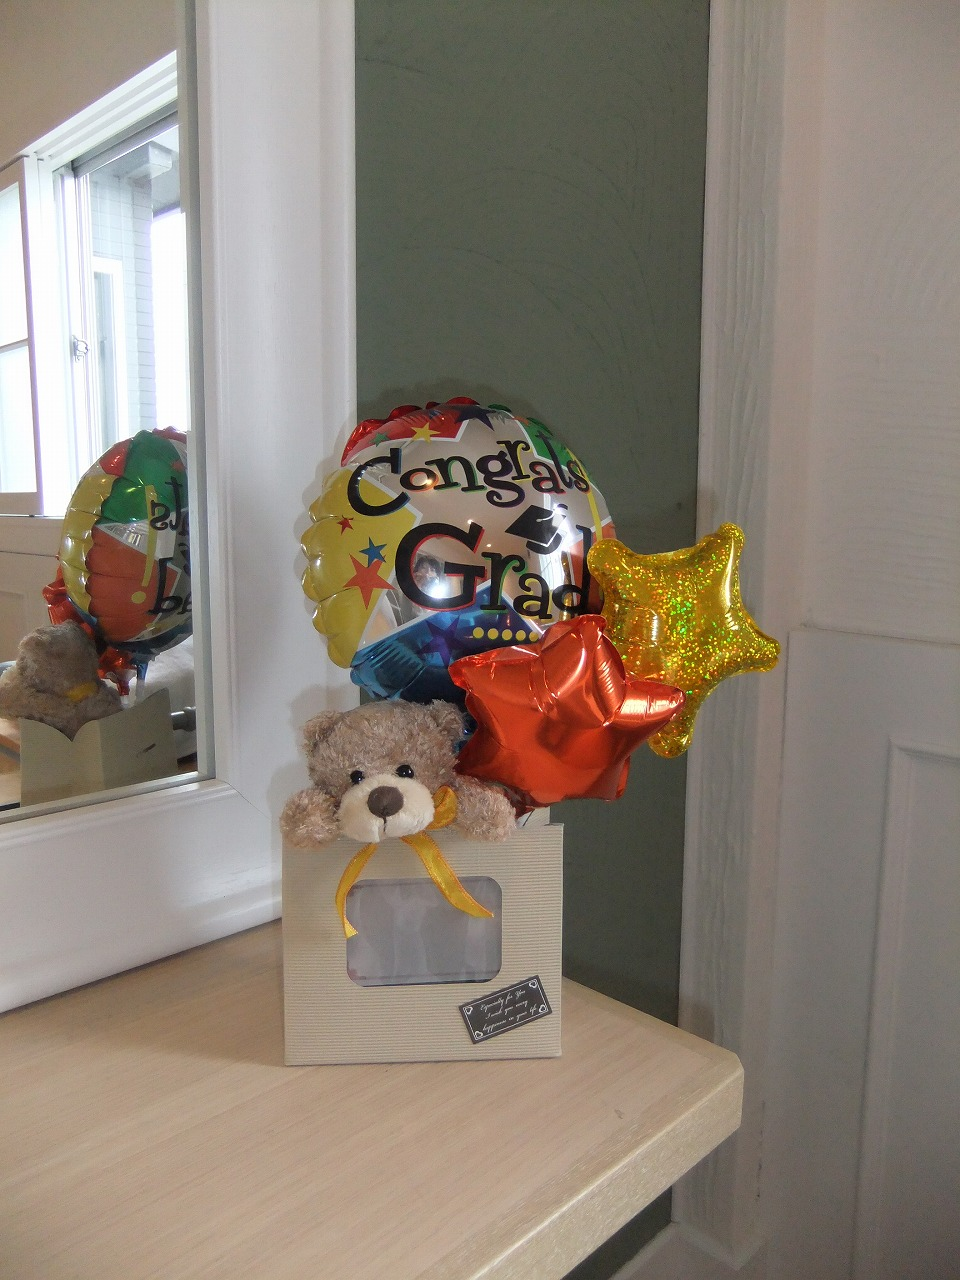 卒業の思い出、クマさんも一緒に振り返ってくれるかな・・・お部屋にちょっこと飾っていただけます。